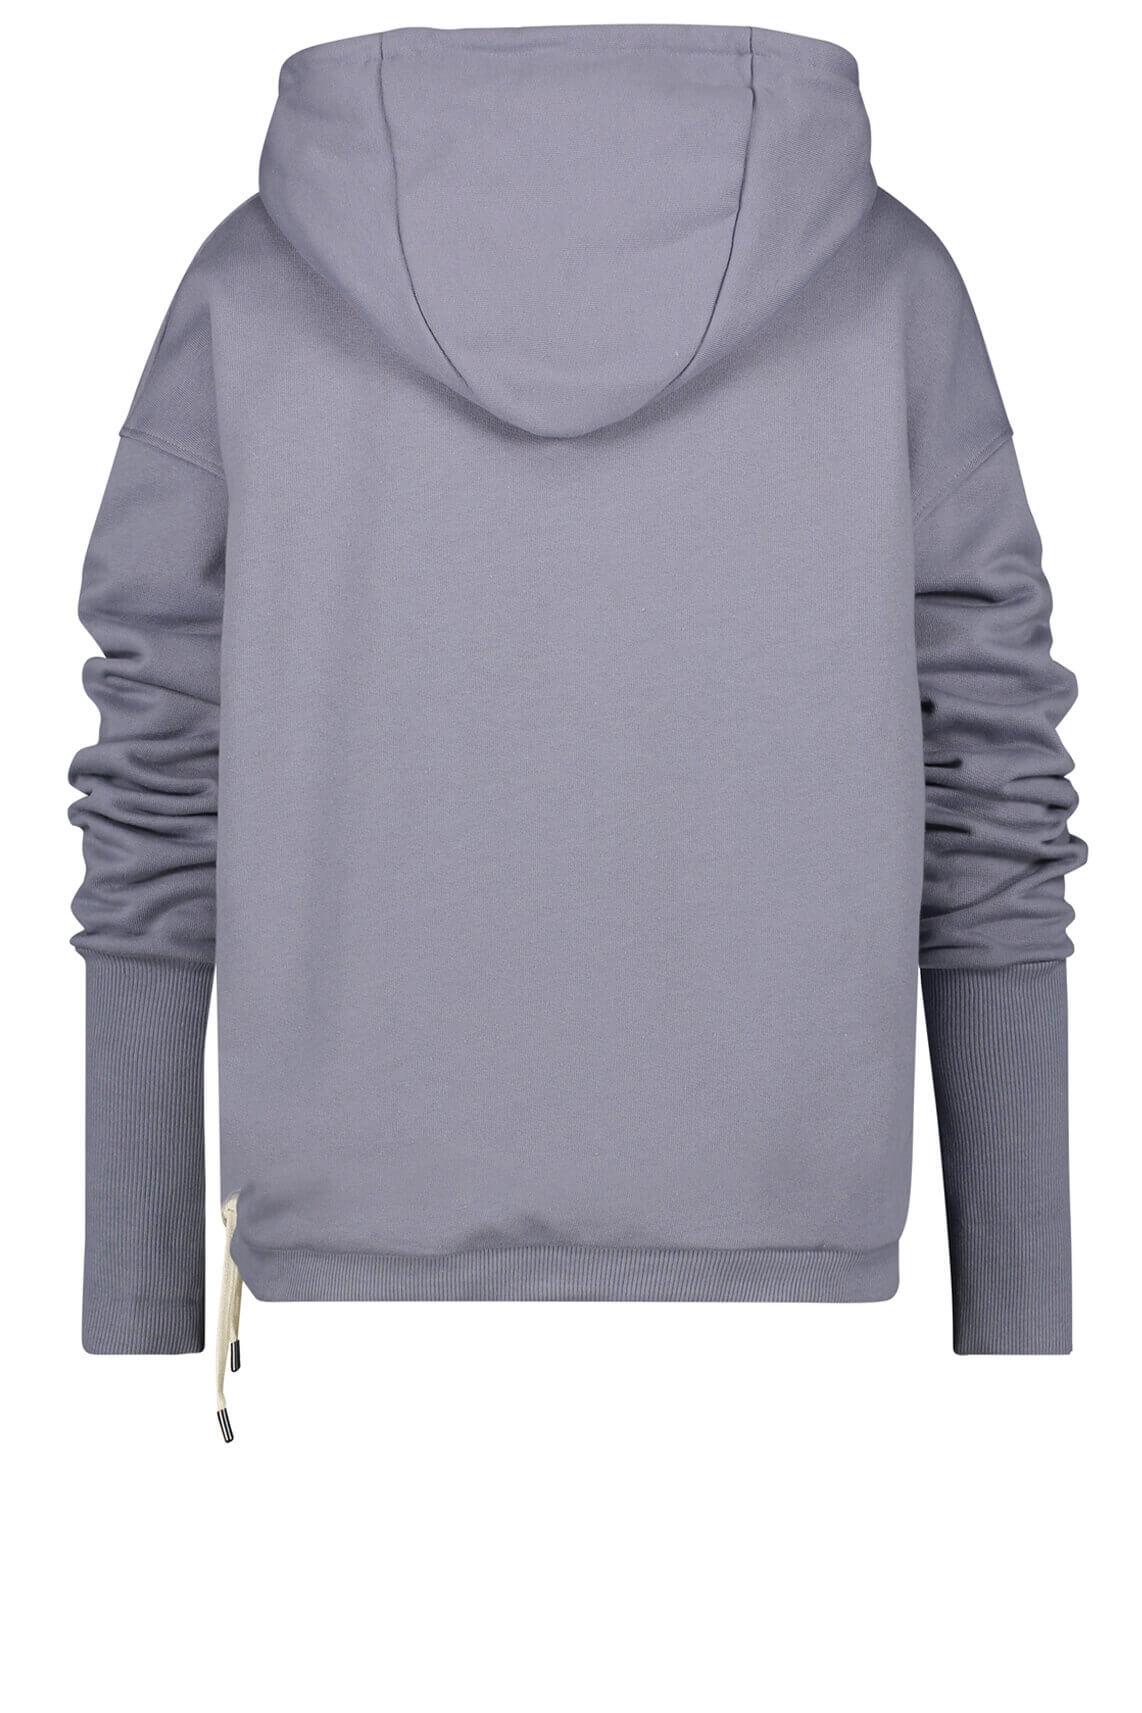 Penn & Ink Dames Sweater met koordsluiting Paars